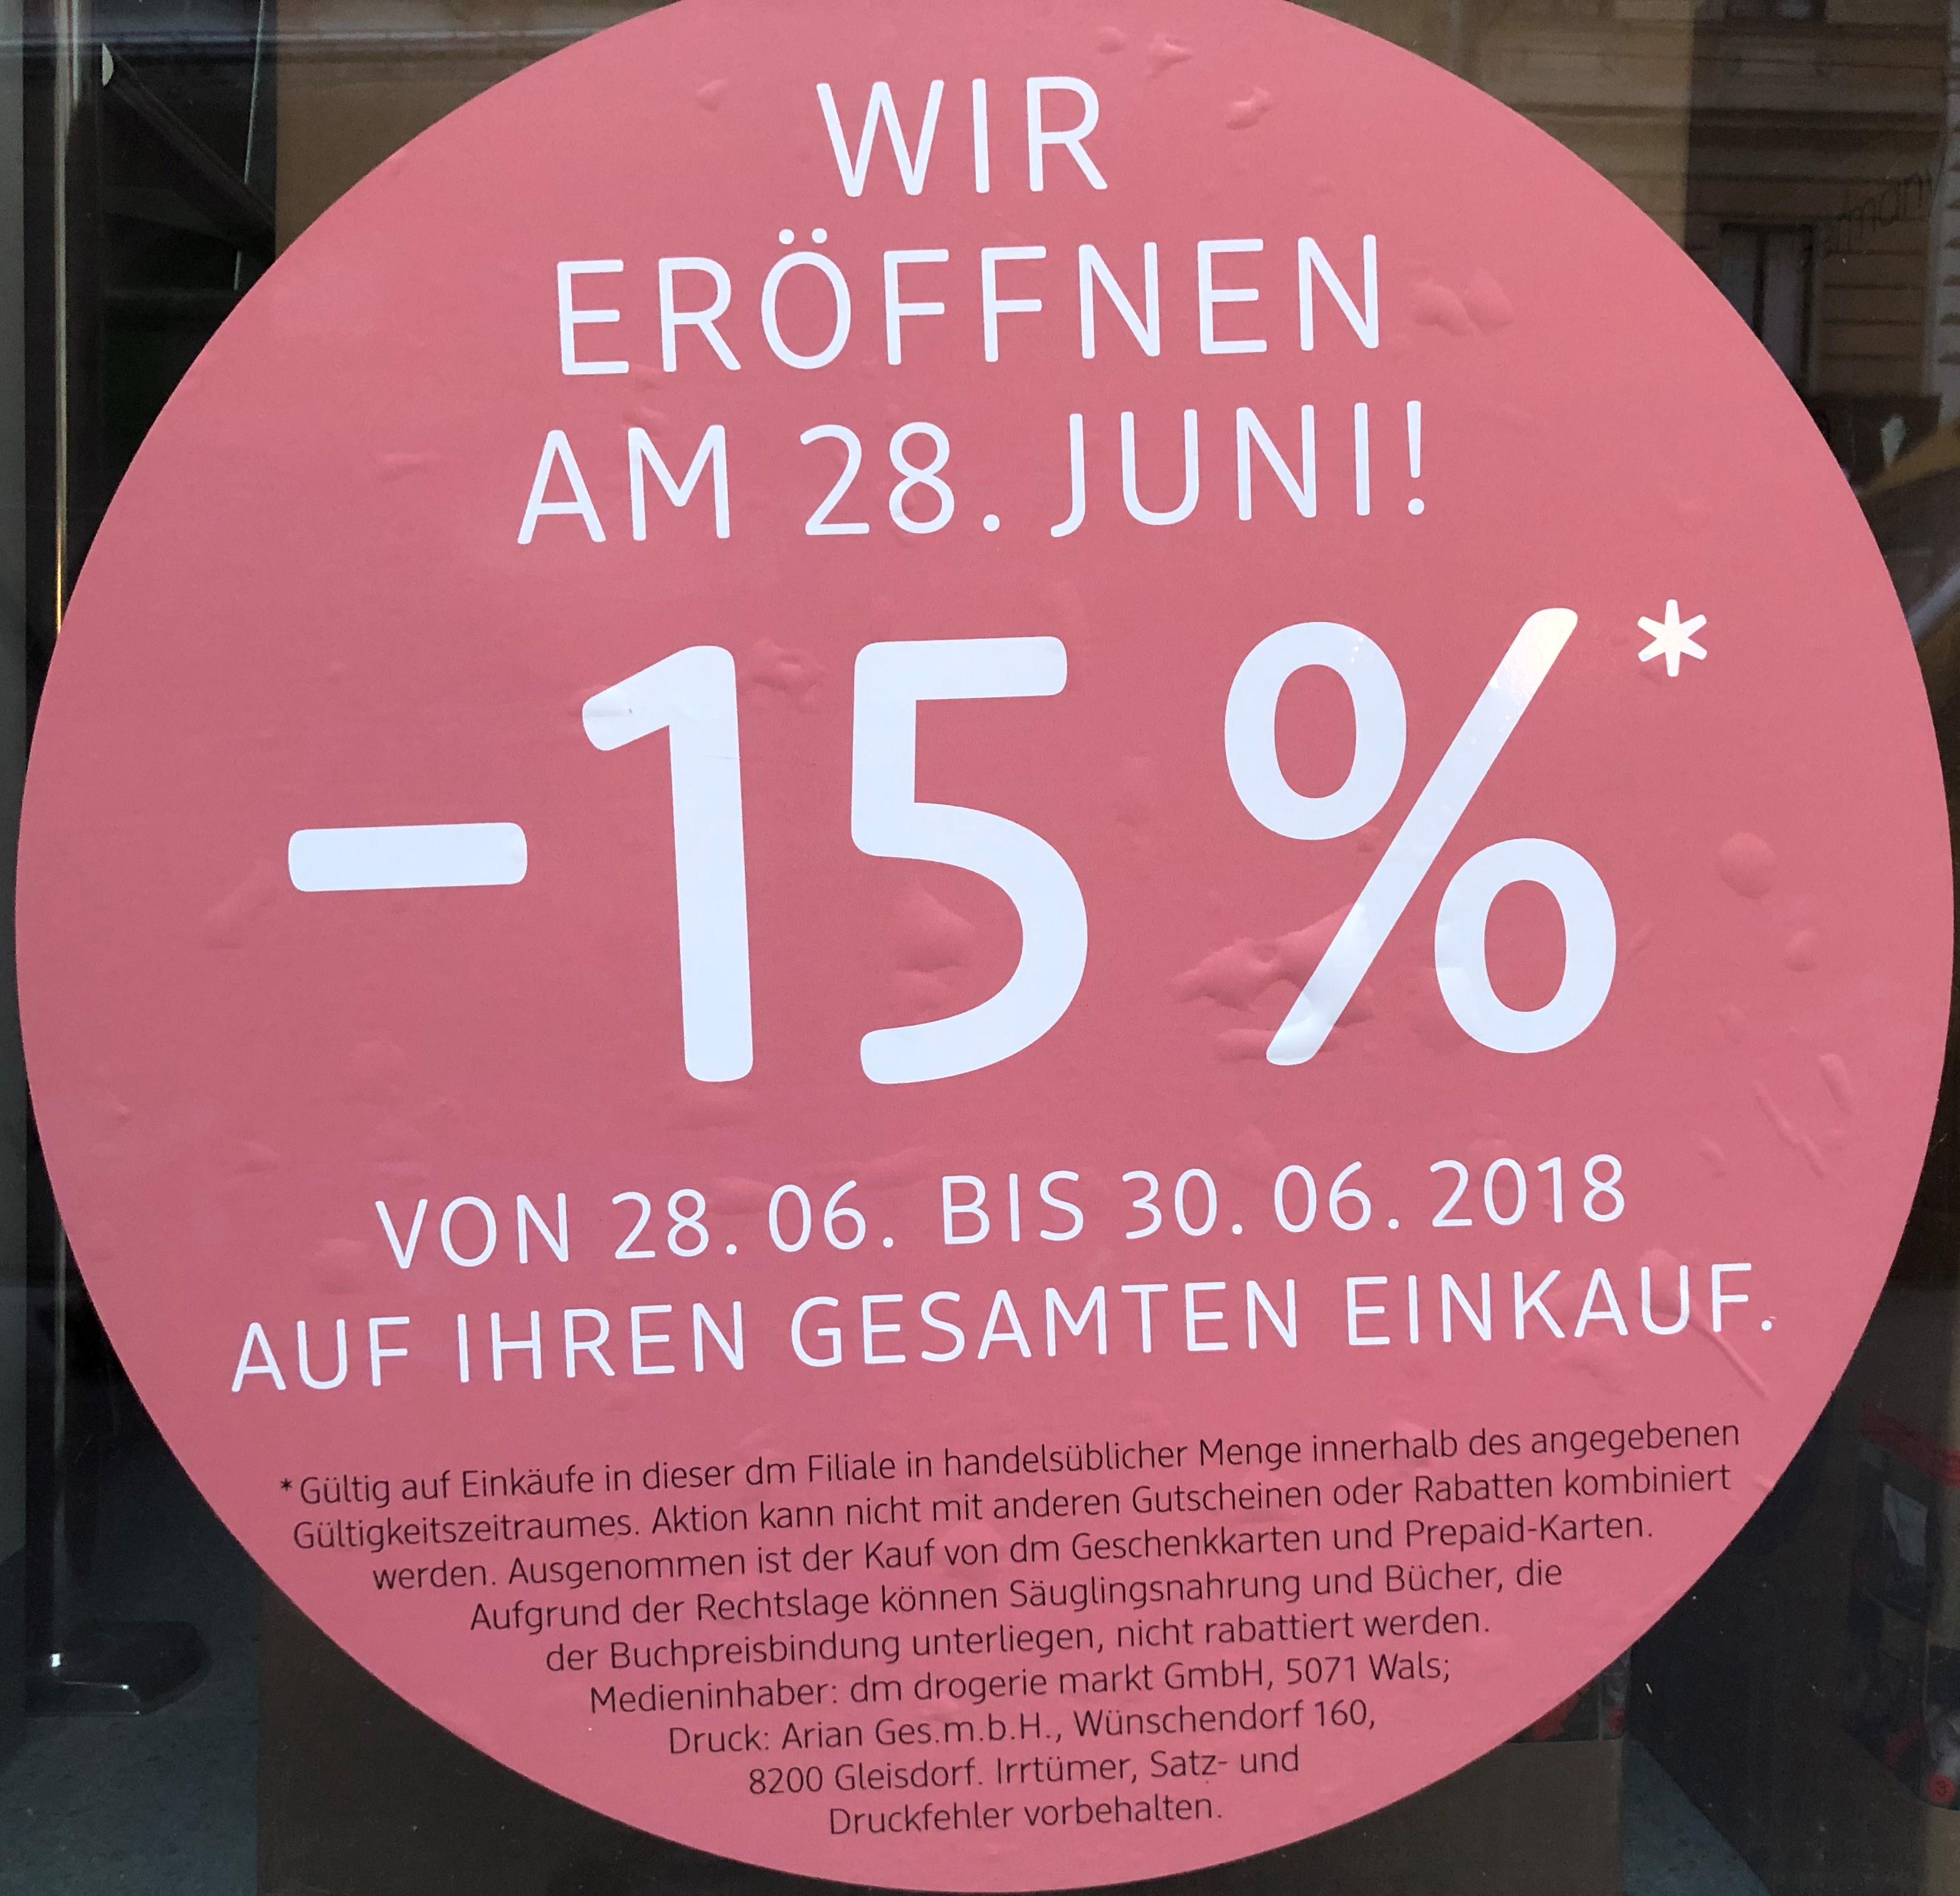 [LOKAL 1070] DM Neueröffnung -15% auf den gesamten Einkauf (28.-30.6.) / Lerchenfelder Straße 37